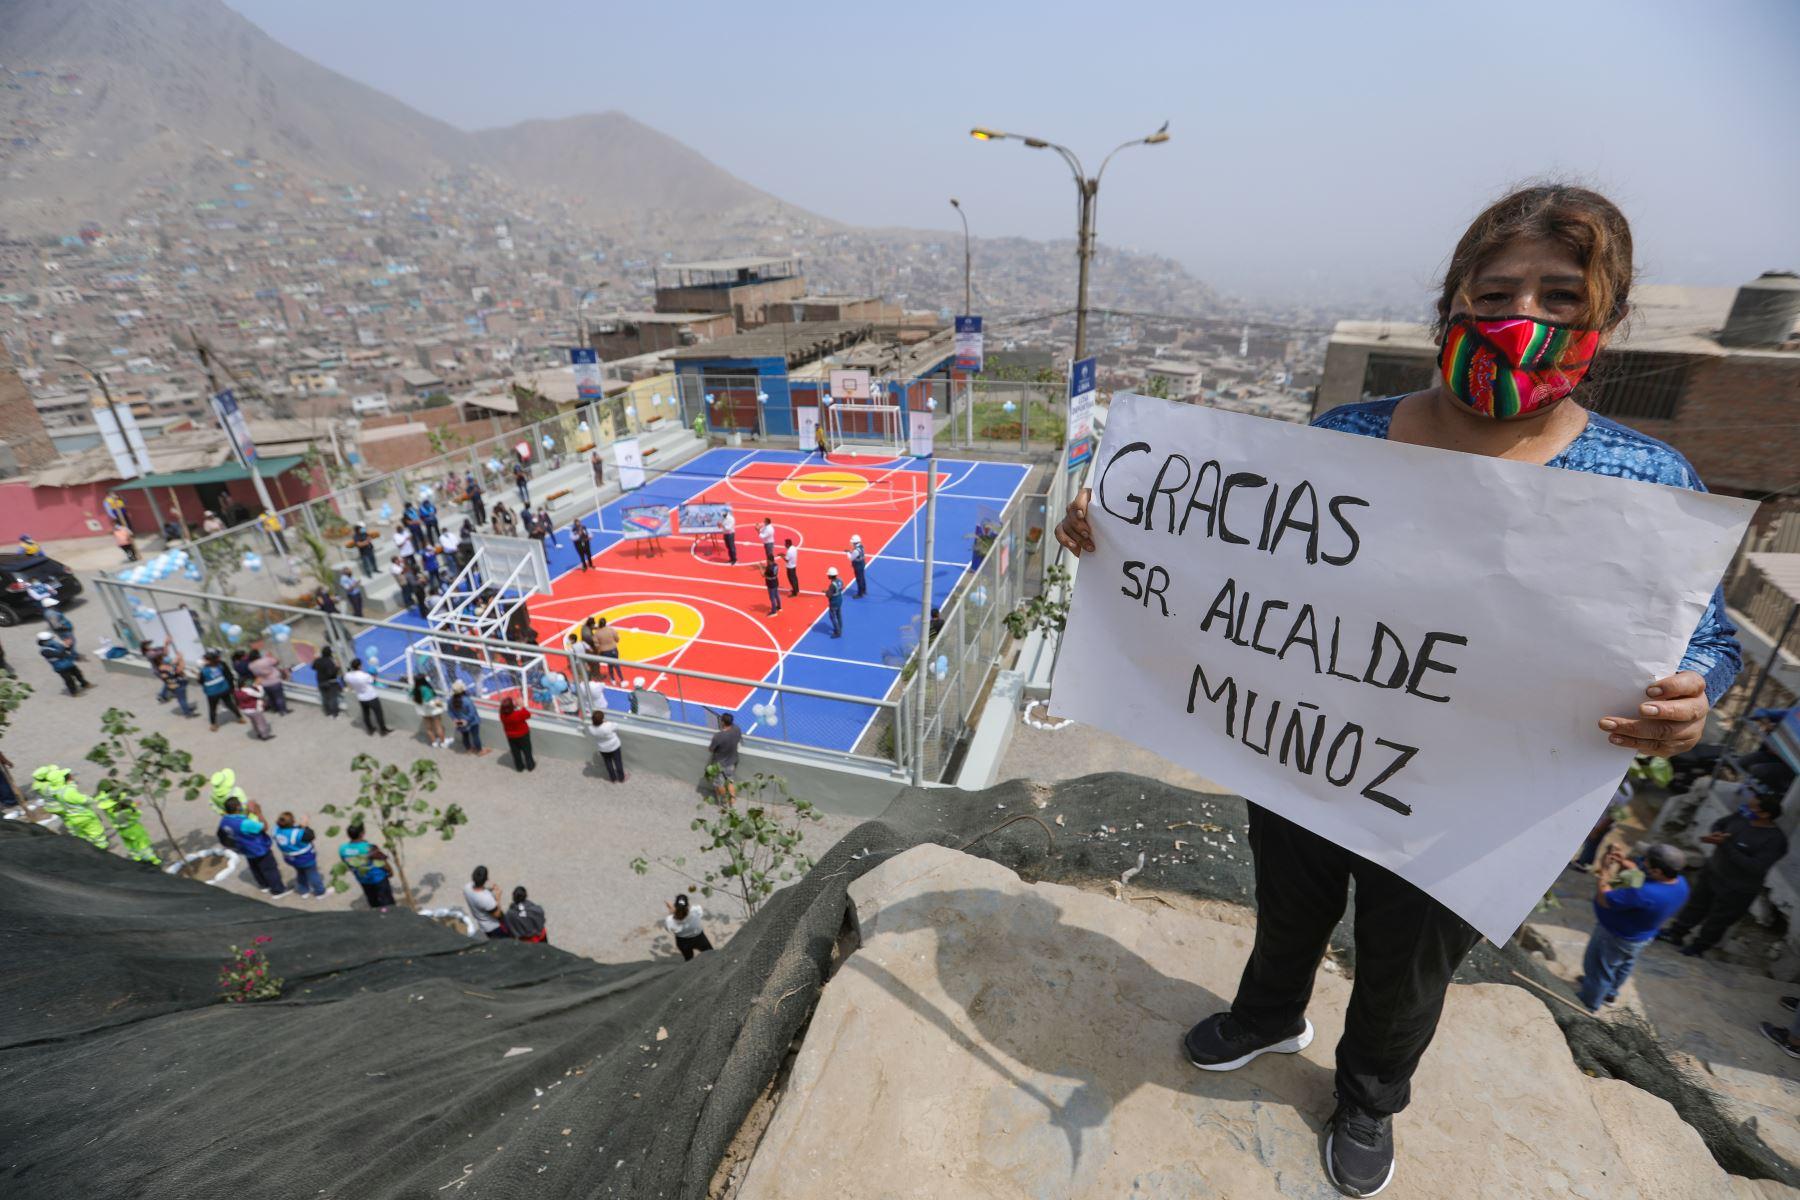 Infraestructuras permiten ampliar los espacios públicos y mejorar la conectividad peatonal en zonas de escasos recursos de Lima norte. Foto: Municipalidad de Lima